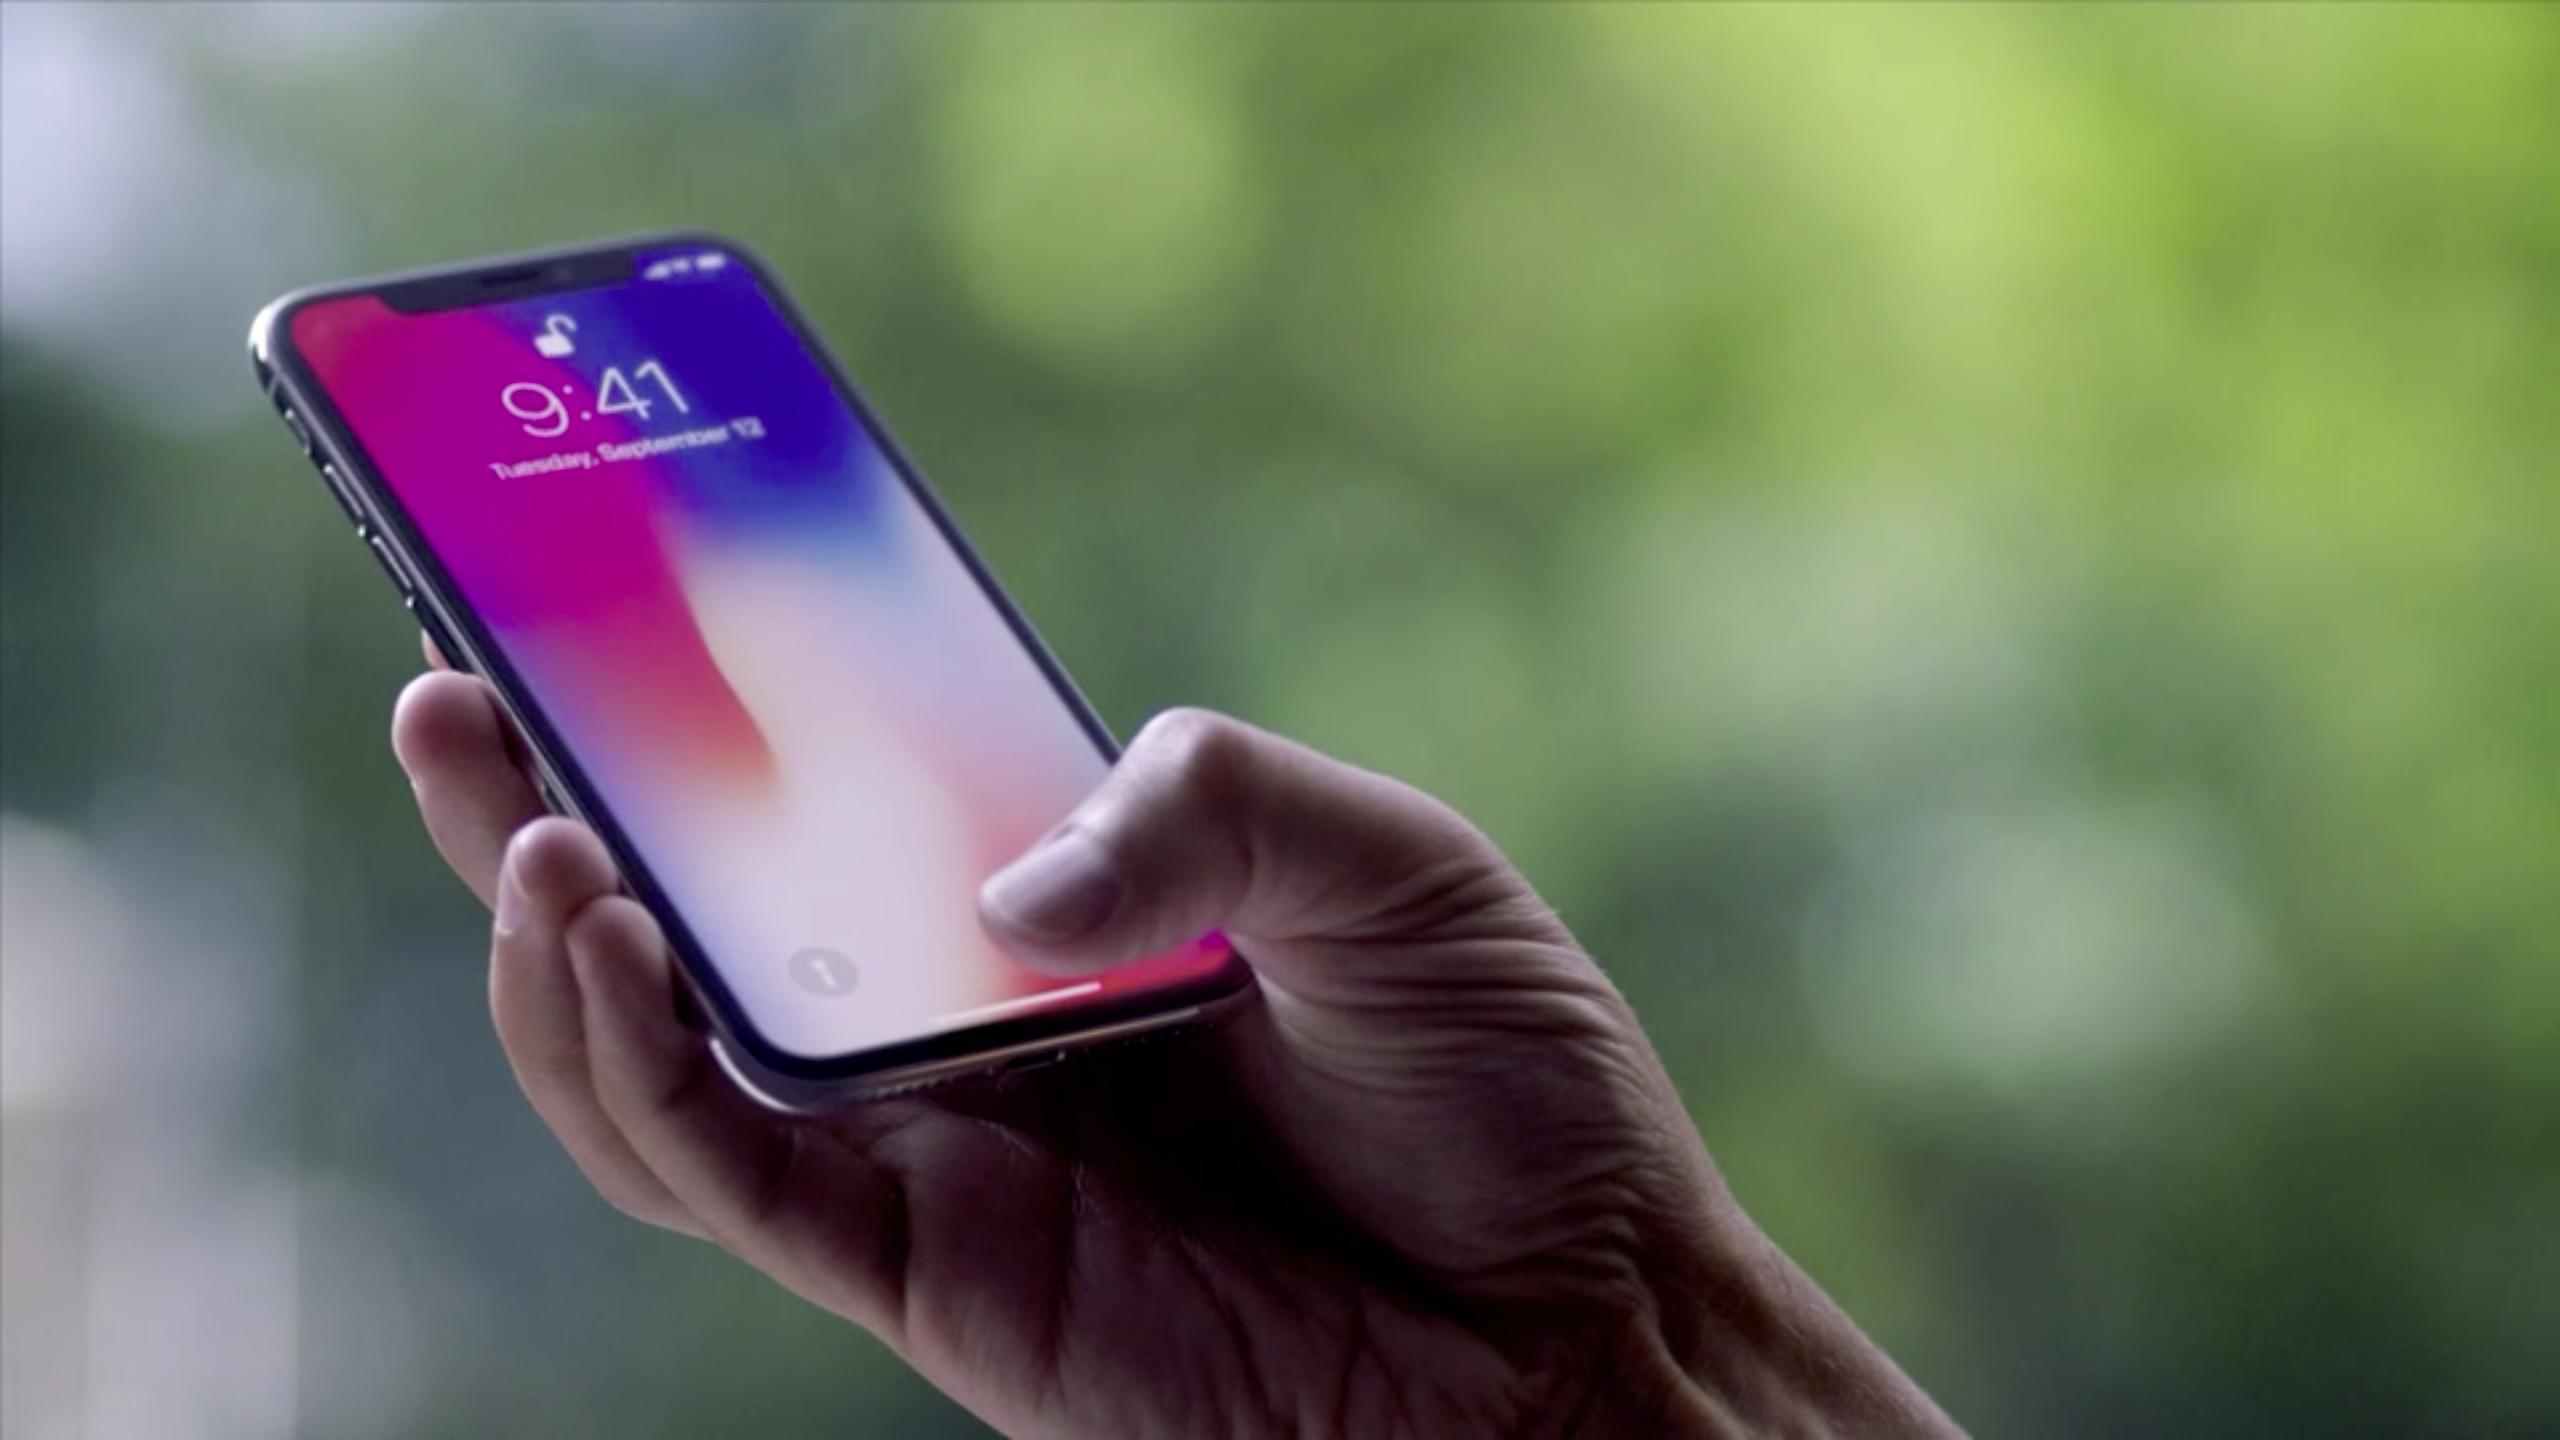 Apple hravo preskočilo s iPhonom X cenovku 1000€. Základná verzia začína na 1149€ a vrcholná na 1299€ - svetapple.sk